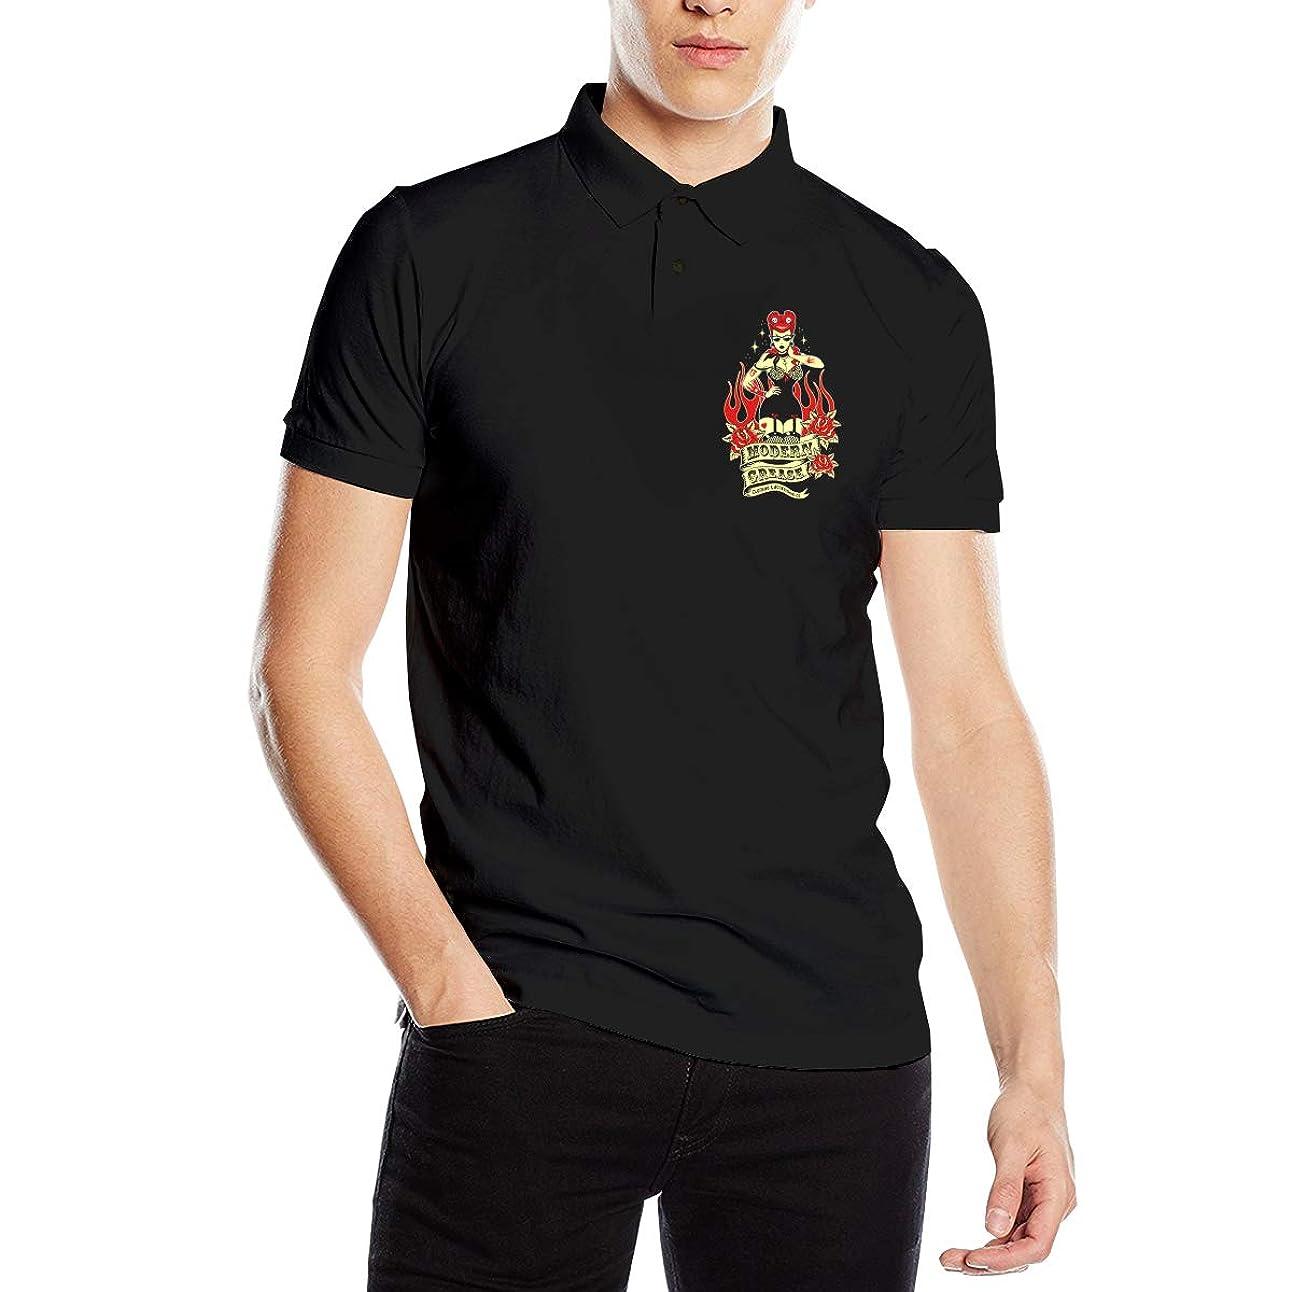 単語レベル周波数ポロシャツ 半袖 夏用メンズシャツ Rockabilly ロカビリー ボタンダウンポロシャツ スポーツウェア Tシャツ ティーシャツ シンプル カジュアル 通気性 吸汗性 快適 無地 薄手 テニス ゴルフ